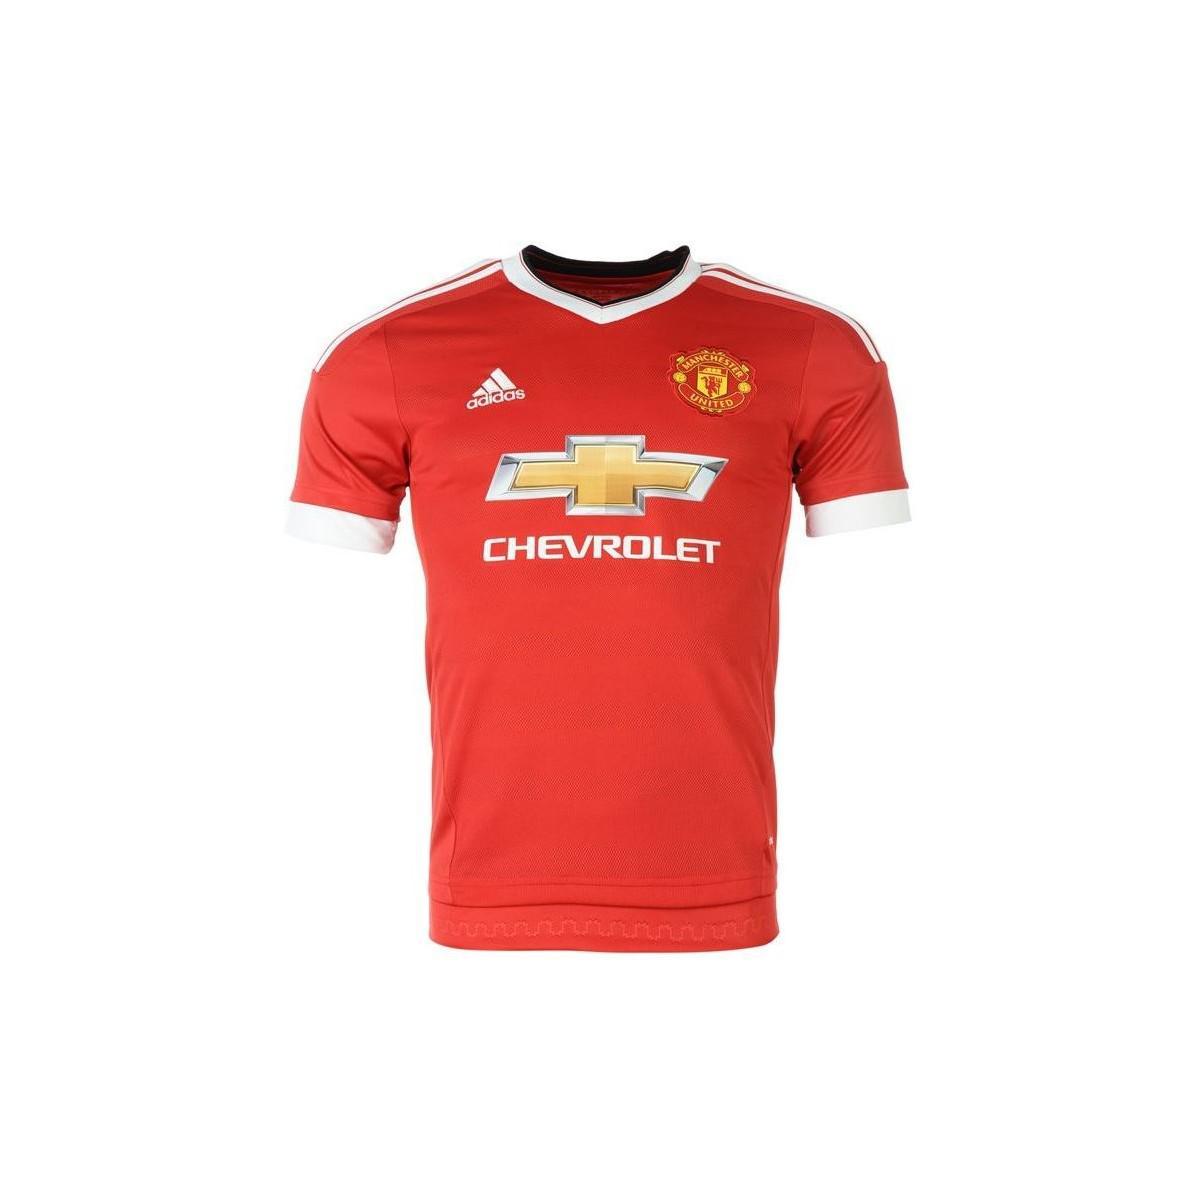 bb1de33f4d5 adidas. 2015-16 Man United Home Shirt (martial 9) - Kids Men s T Shirt In  Red